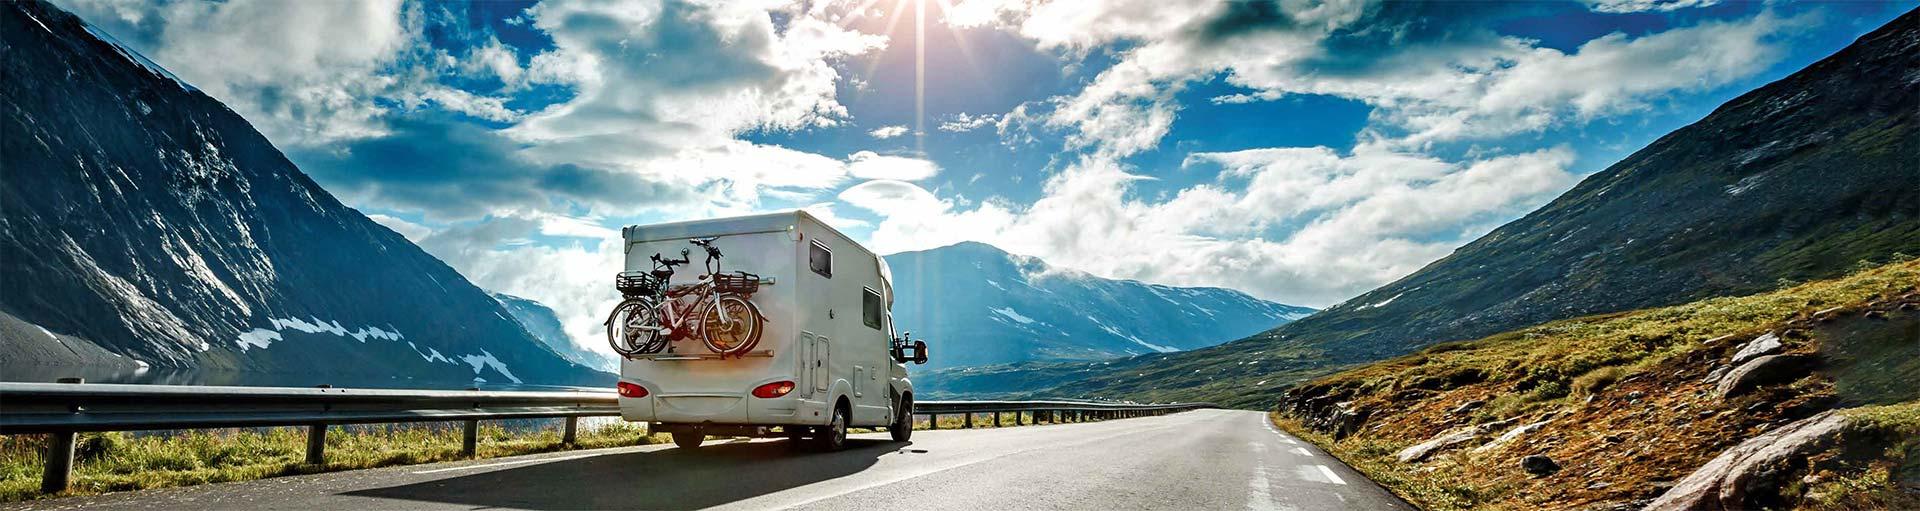 Camper Sorglos Paket Reiserücktrittsversicherung Reiseabbruchversicherung Umbuchungsschutz Inhaltsversicherung Selbstbehaltsversicherung Reiseversicherung für Mieter von Wohnwagen oder Wohnmobil